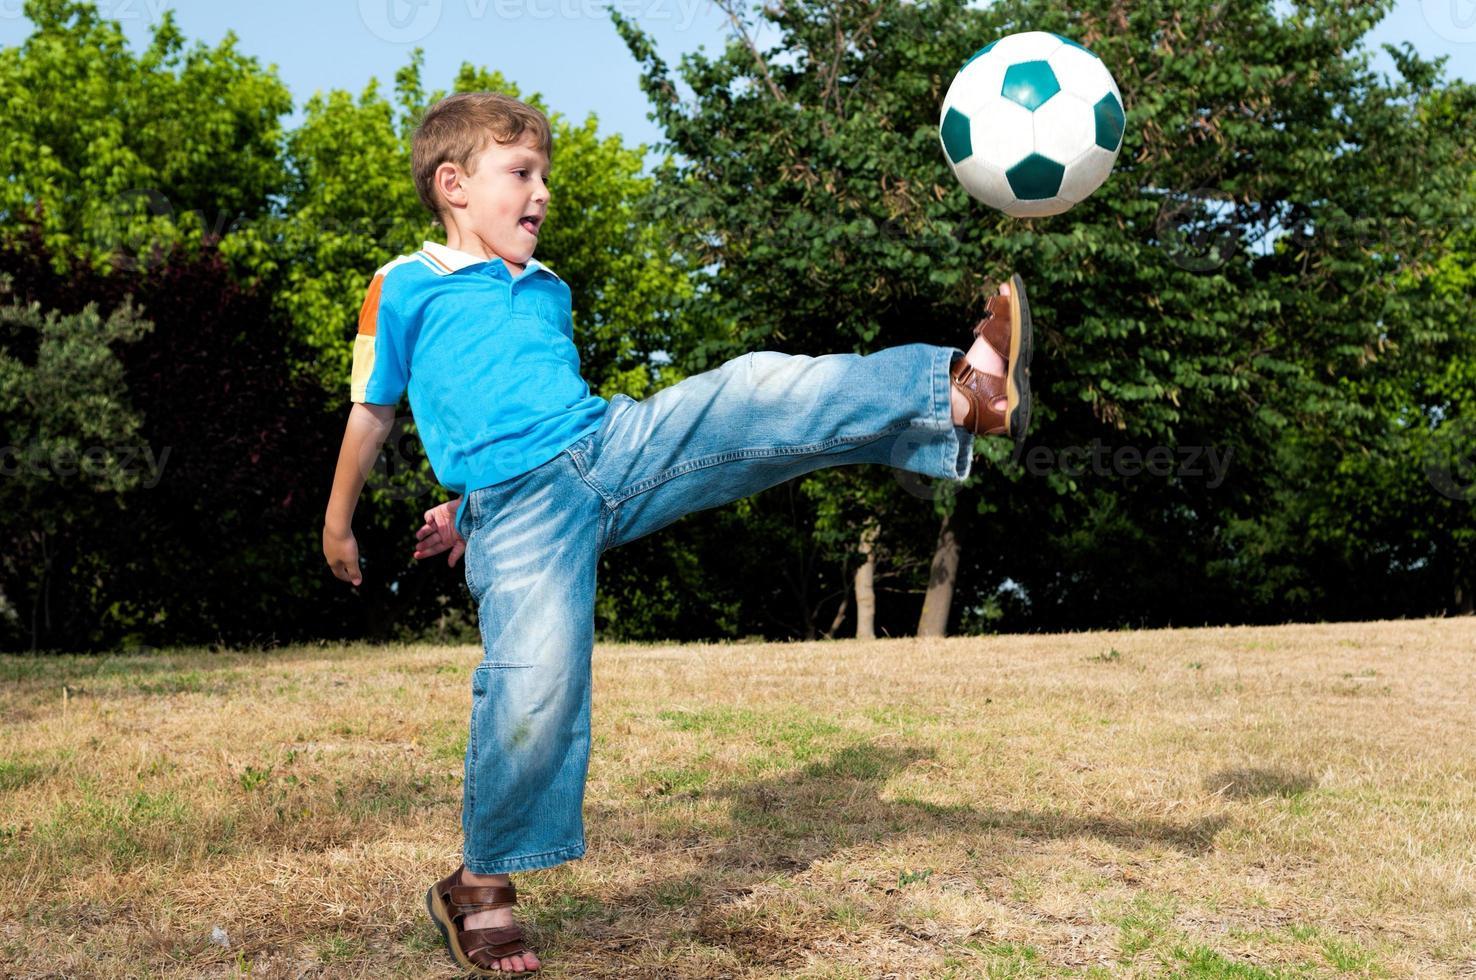 mit all seiner Kraft den Ball zu schlagen foto